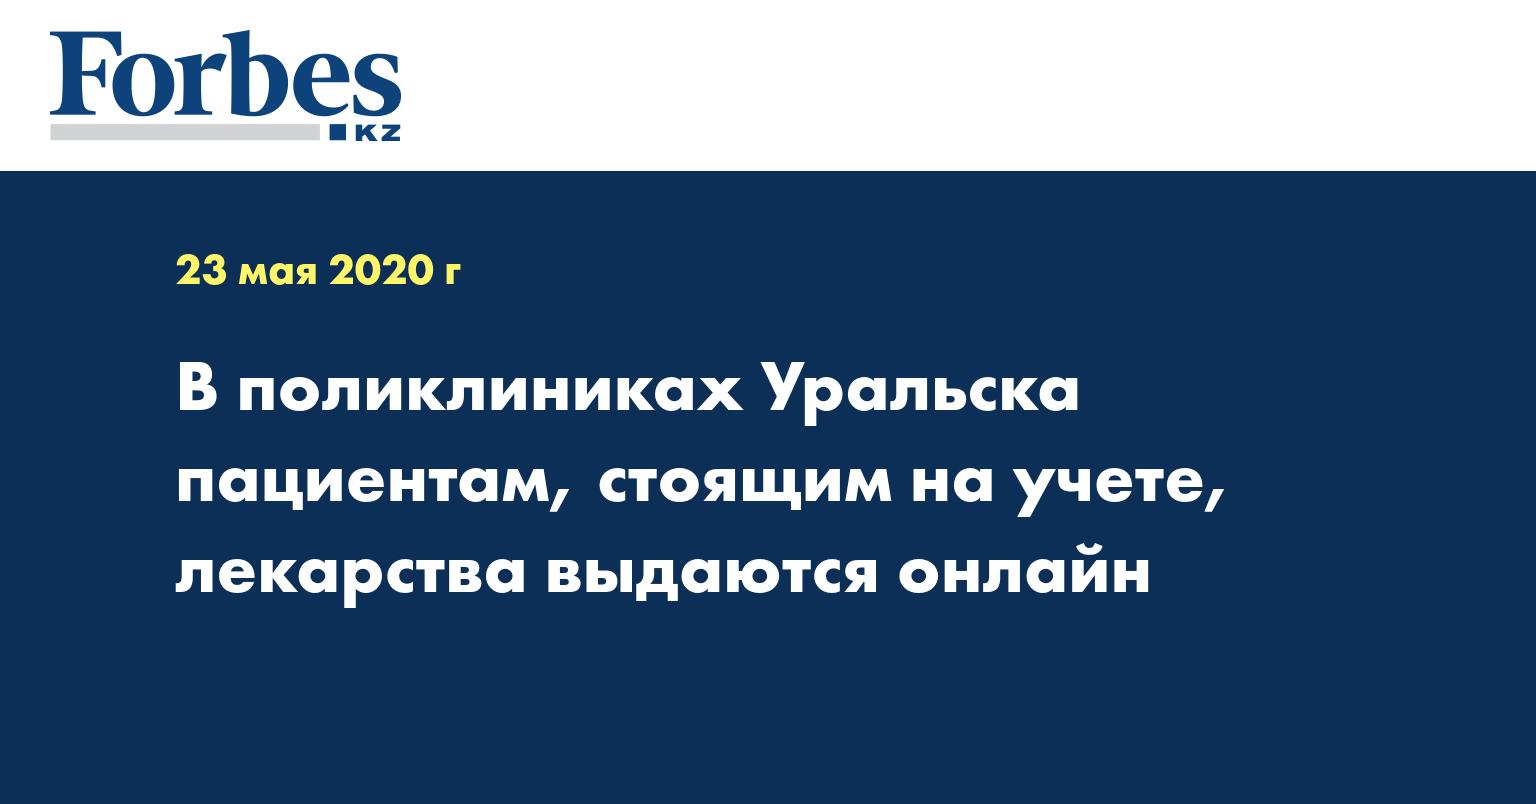 В поликлиниках Уральска пациентам, стоящим на учете, лекарства выдаются онлайн